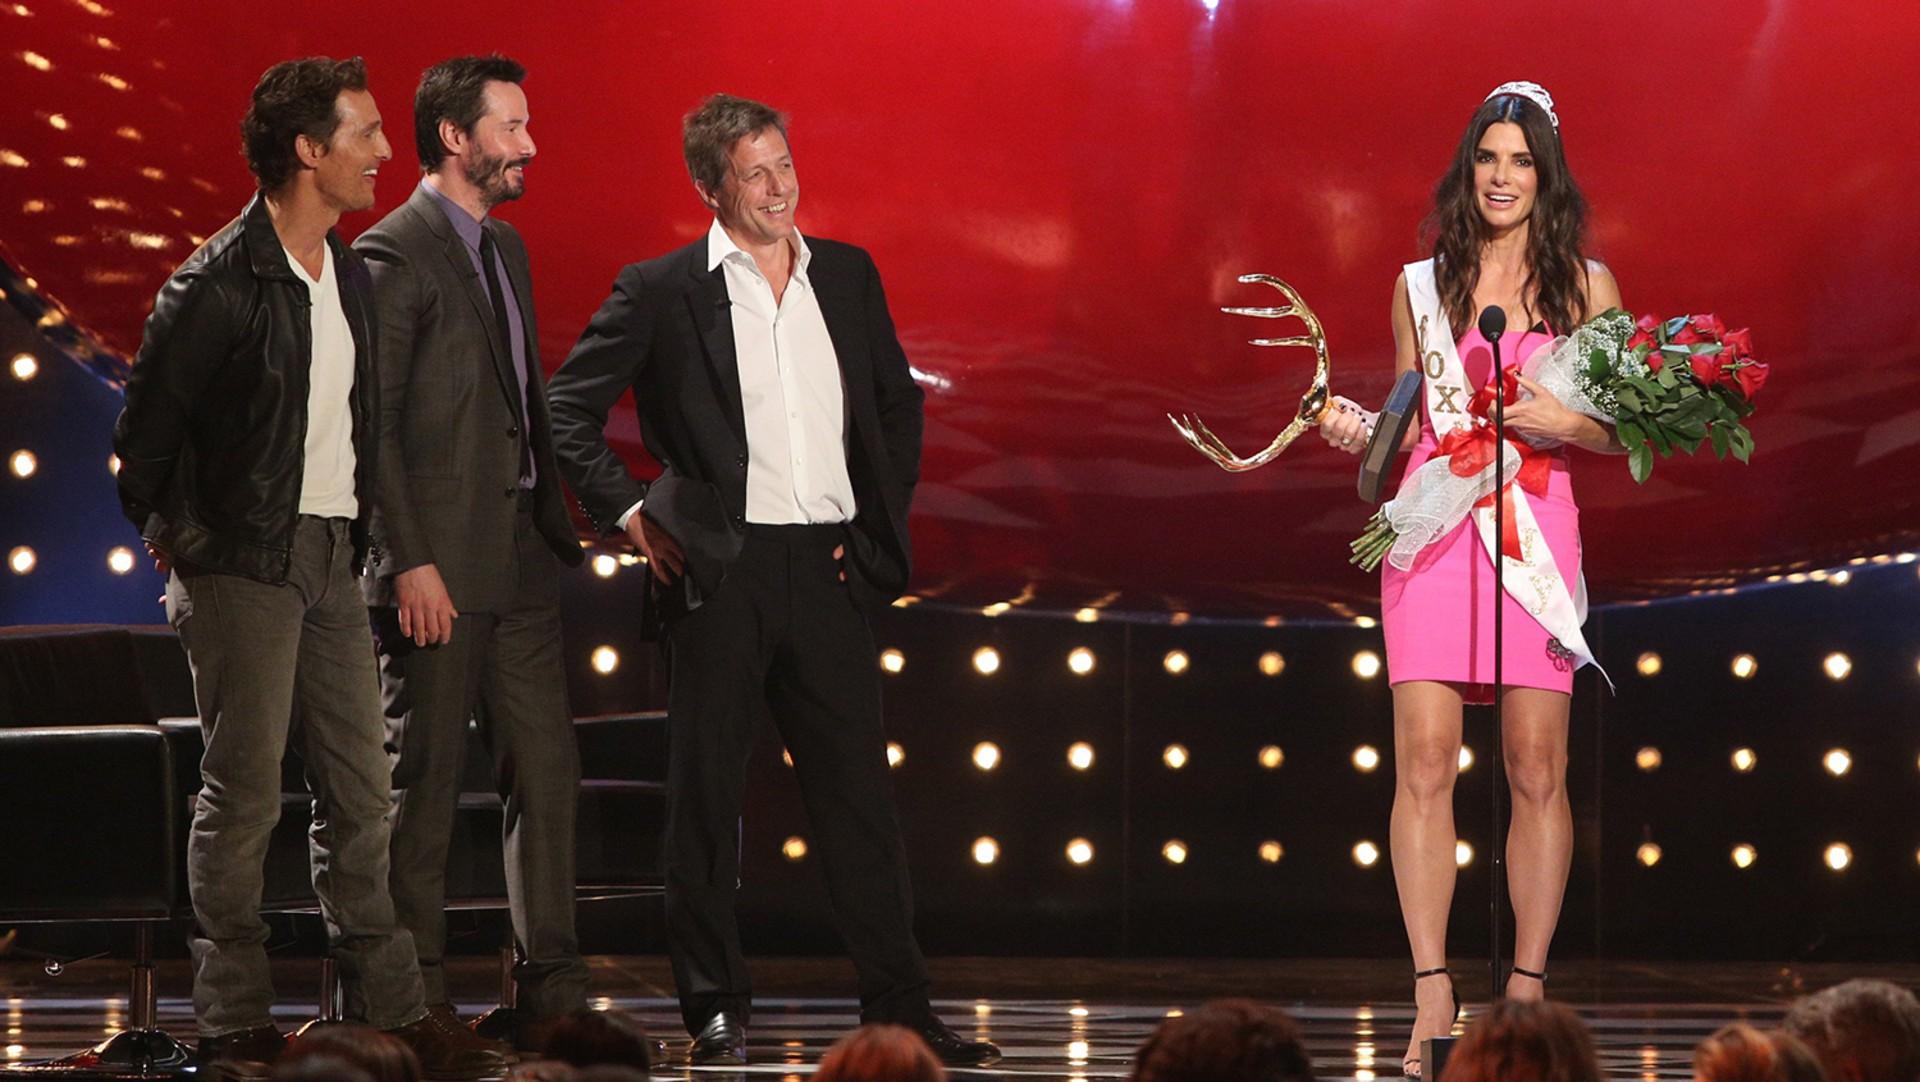 Image: Matthew McConaughey, Keanu Reeves, Hugh Grant, Sandra Bullock